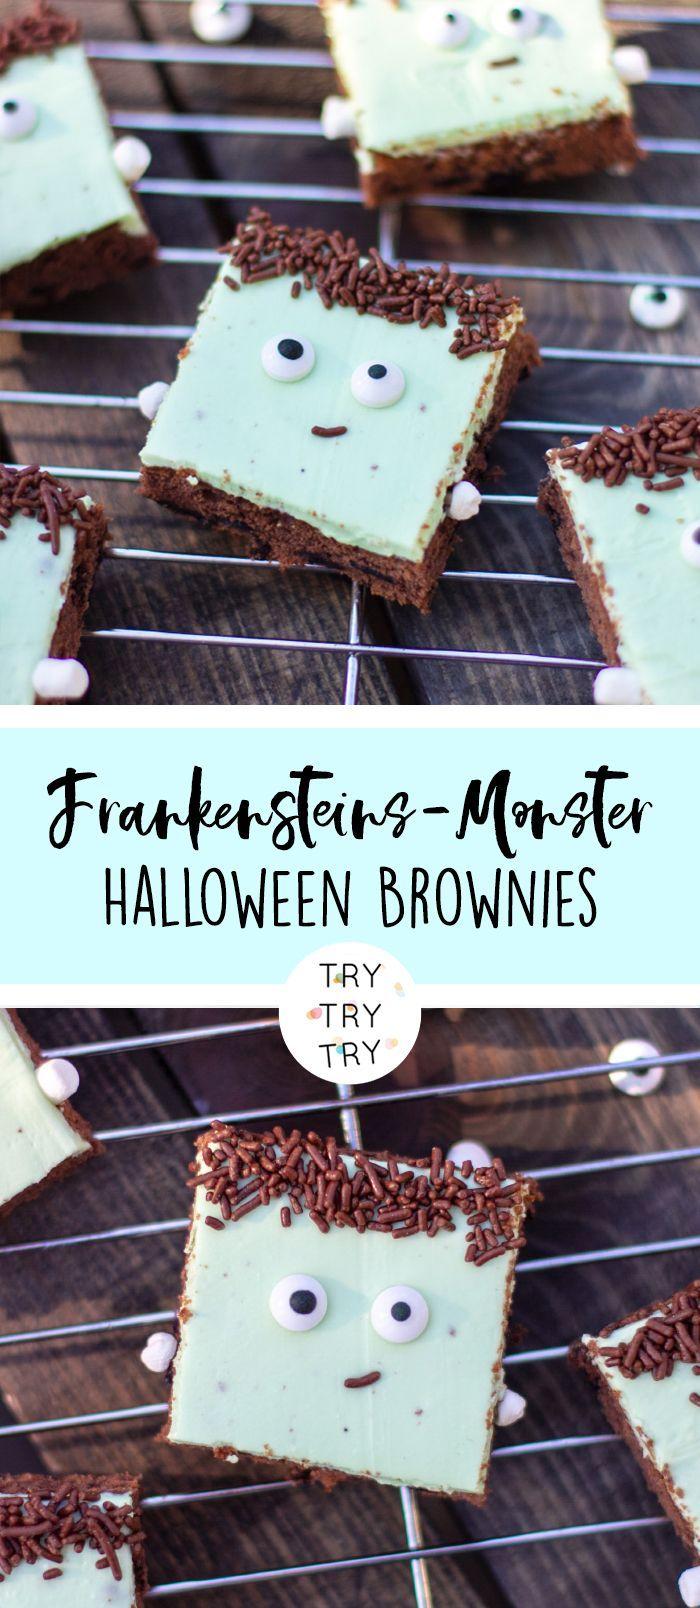 Perfekte Backidee für Halloween oder ein Gruselfest - Zuckersüße Frankenstein-Monster Halloween